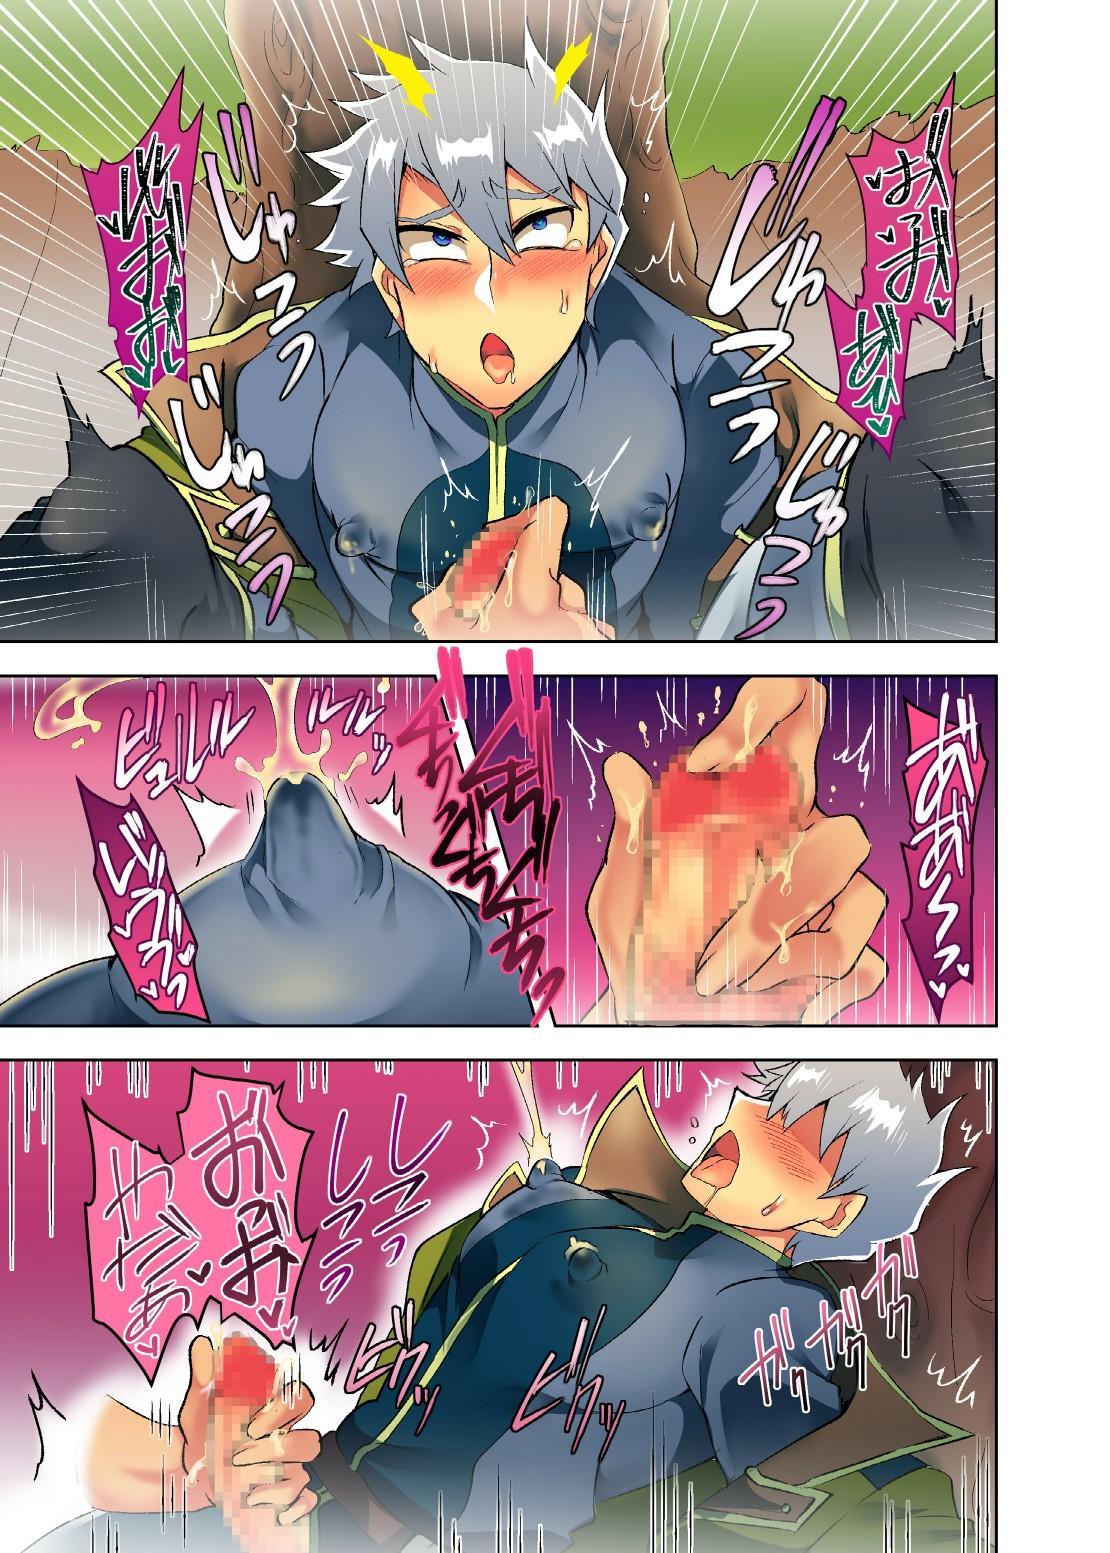 Oppai Milk wa Bushi no Haji 10